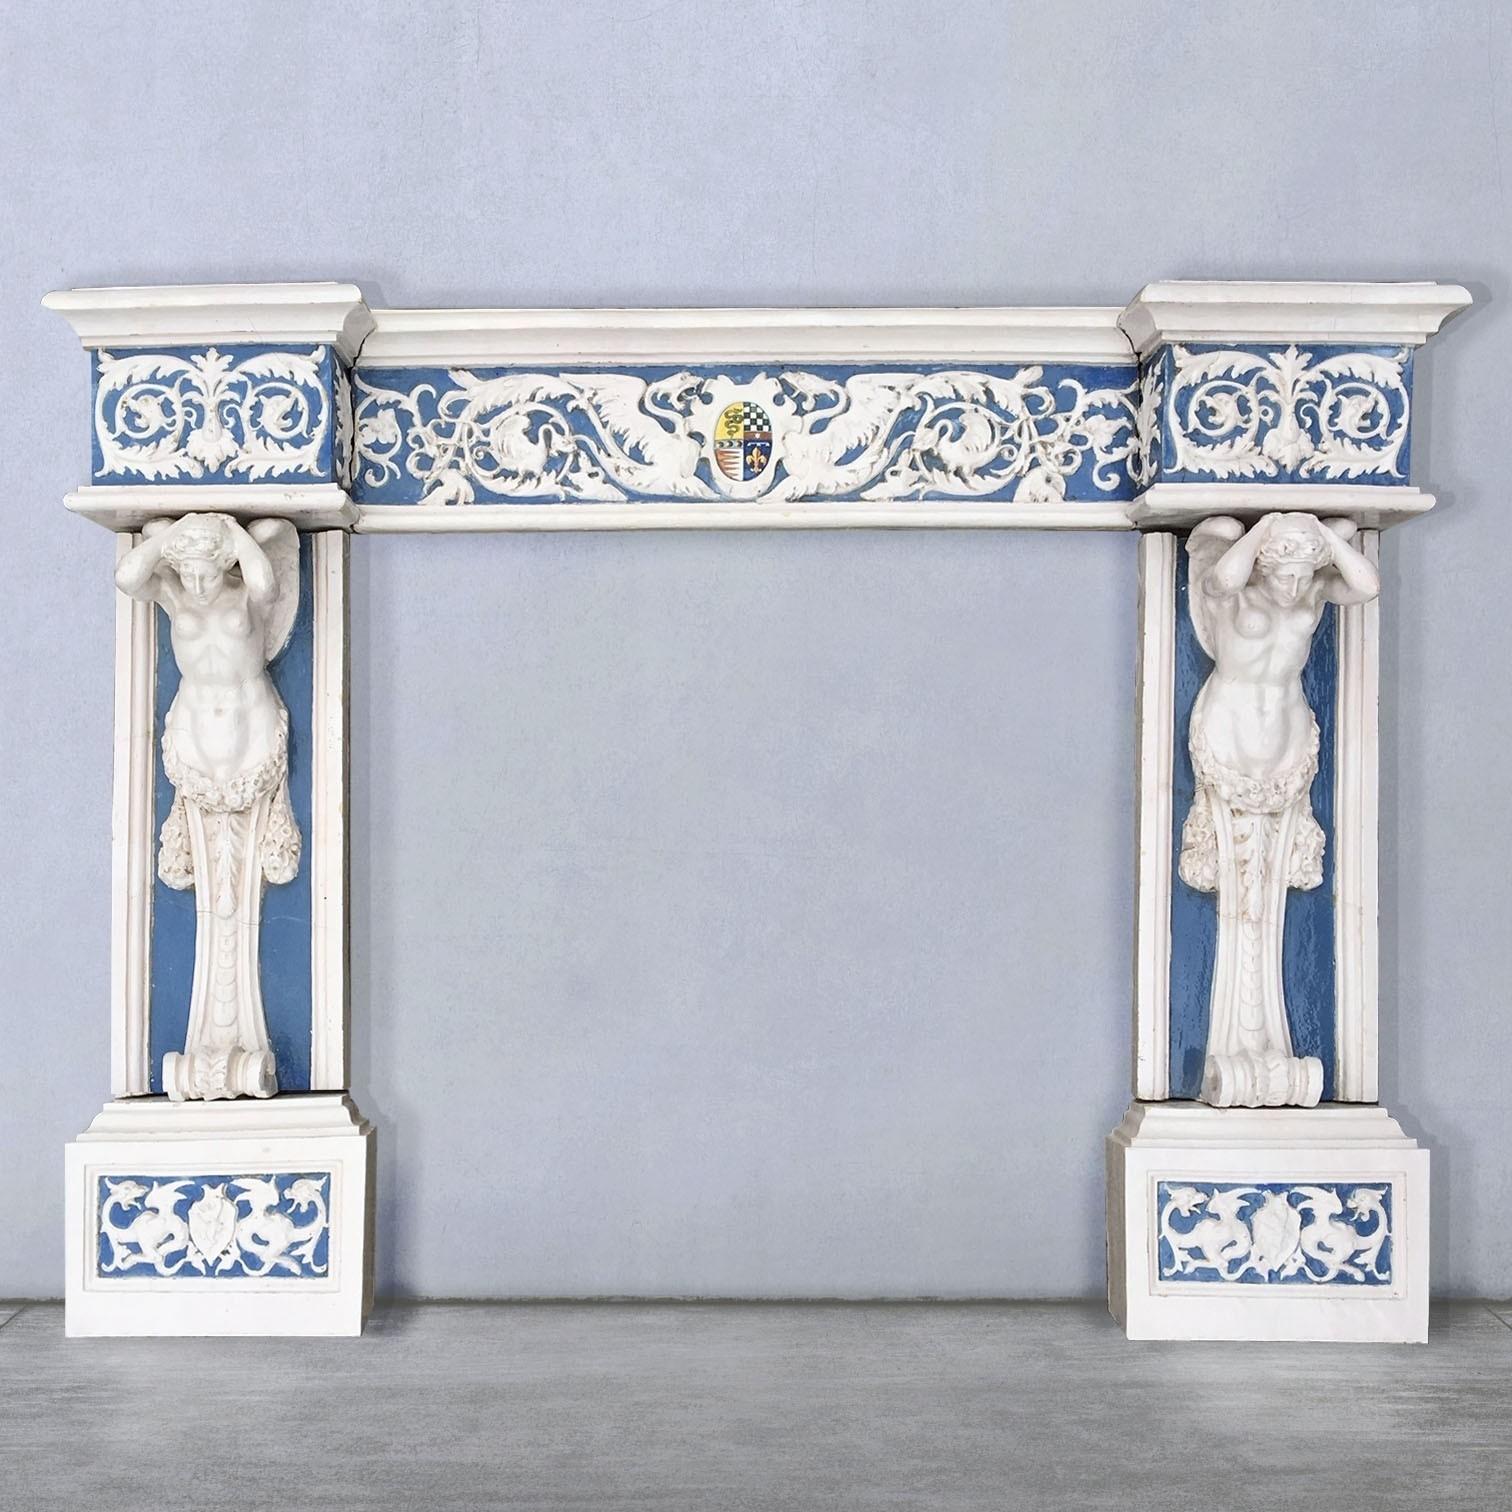 Cantagalli-Kamin Keramik aus dem 19. Jahrhundert im Della Robbia-Stil